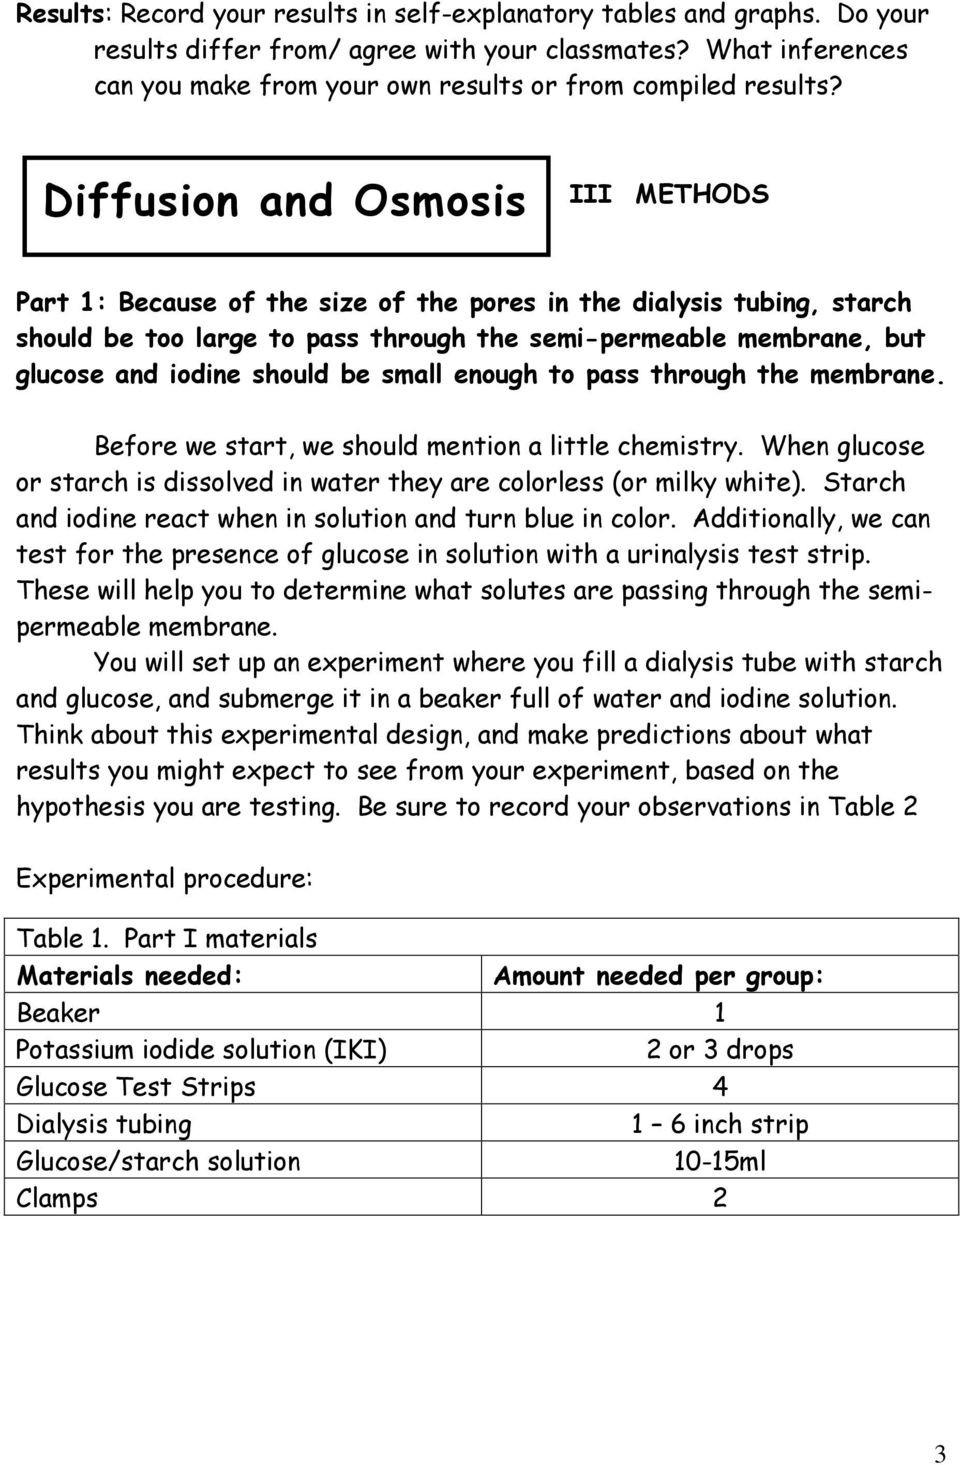 Diffusion and Osmosis Worksheet Diffusion and Osmosis Pdf Free Download